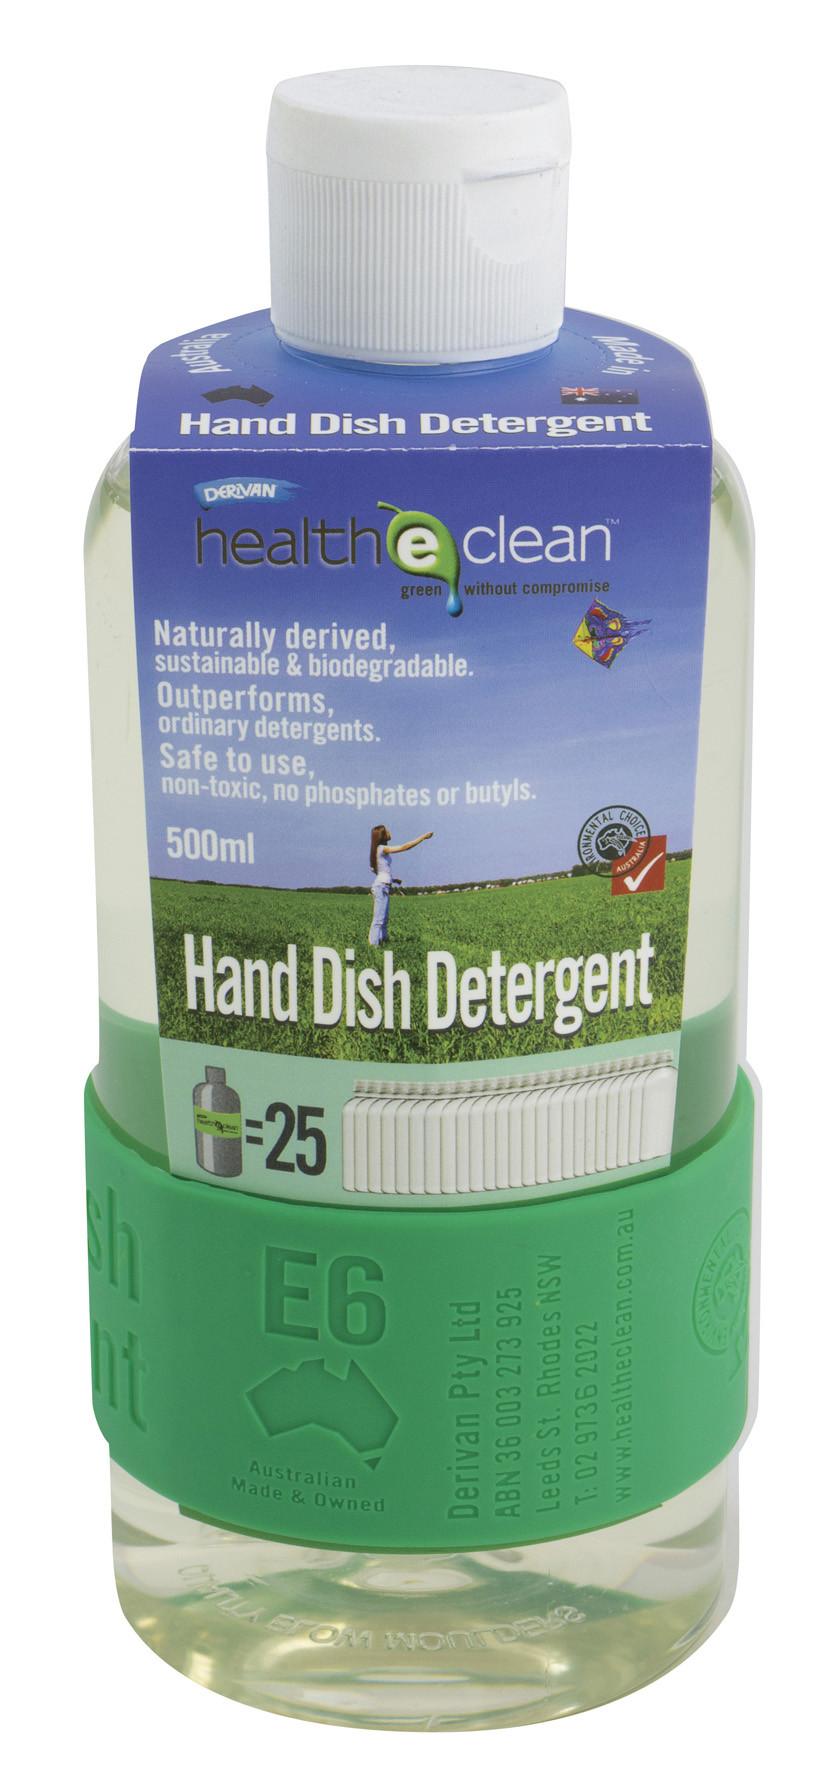 E06 HAND DISHWASHING DETERGENT